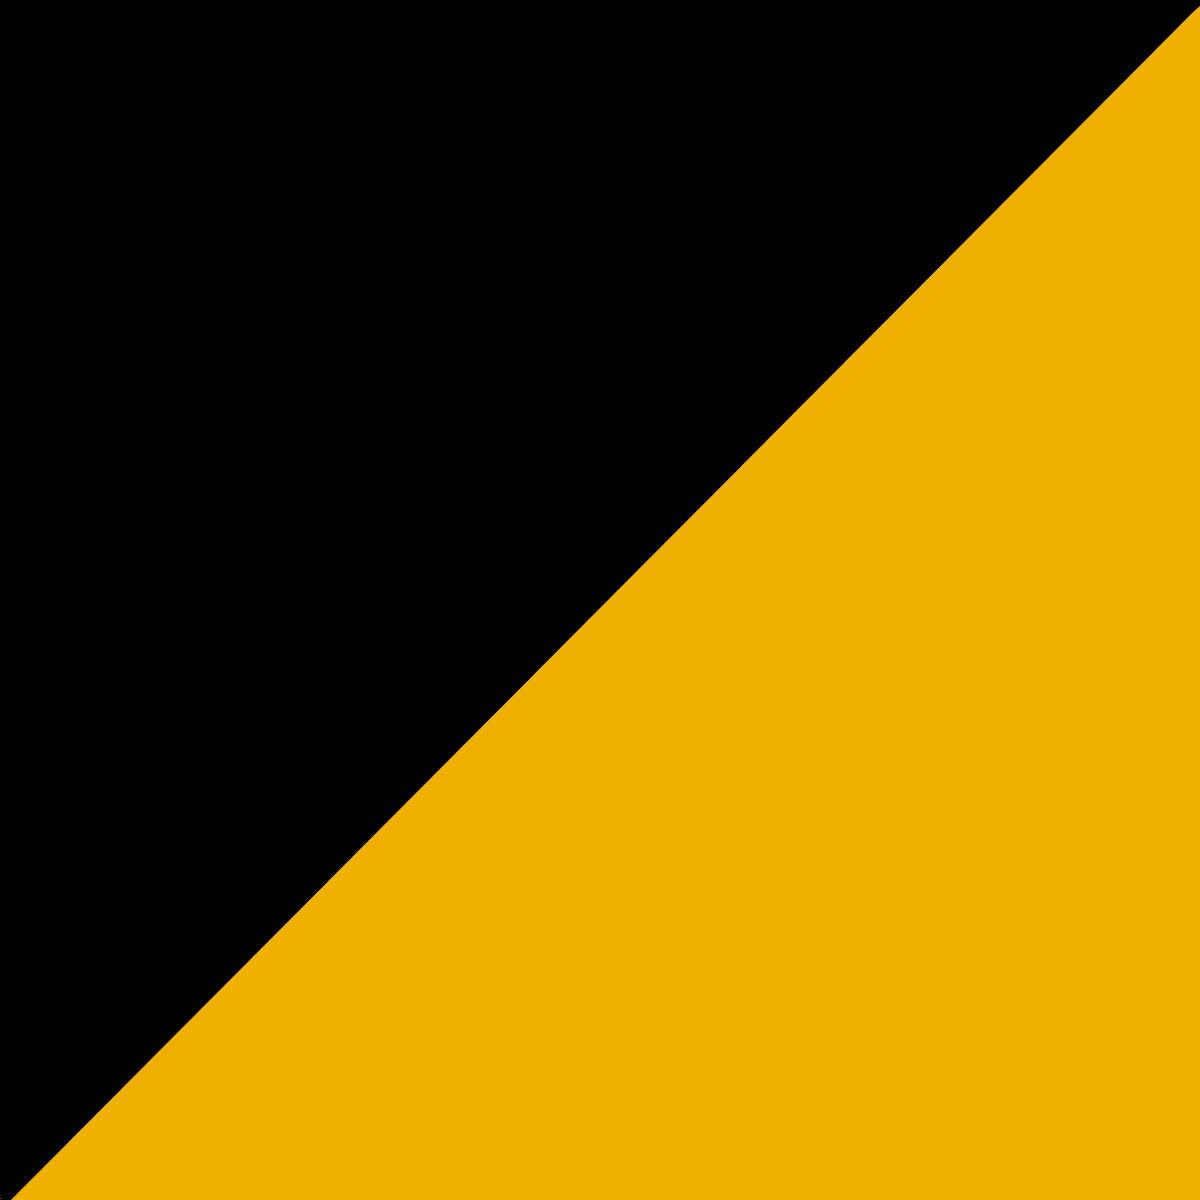 noir or